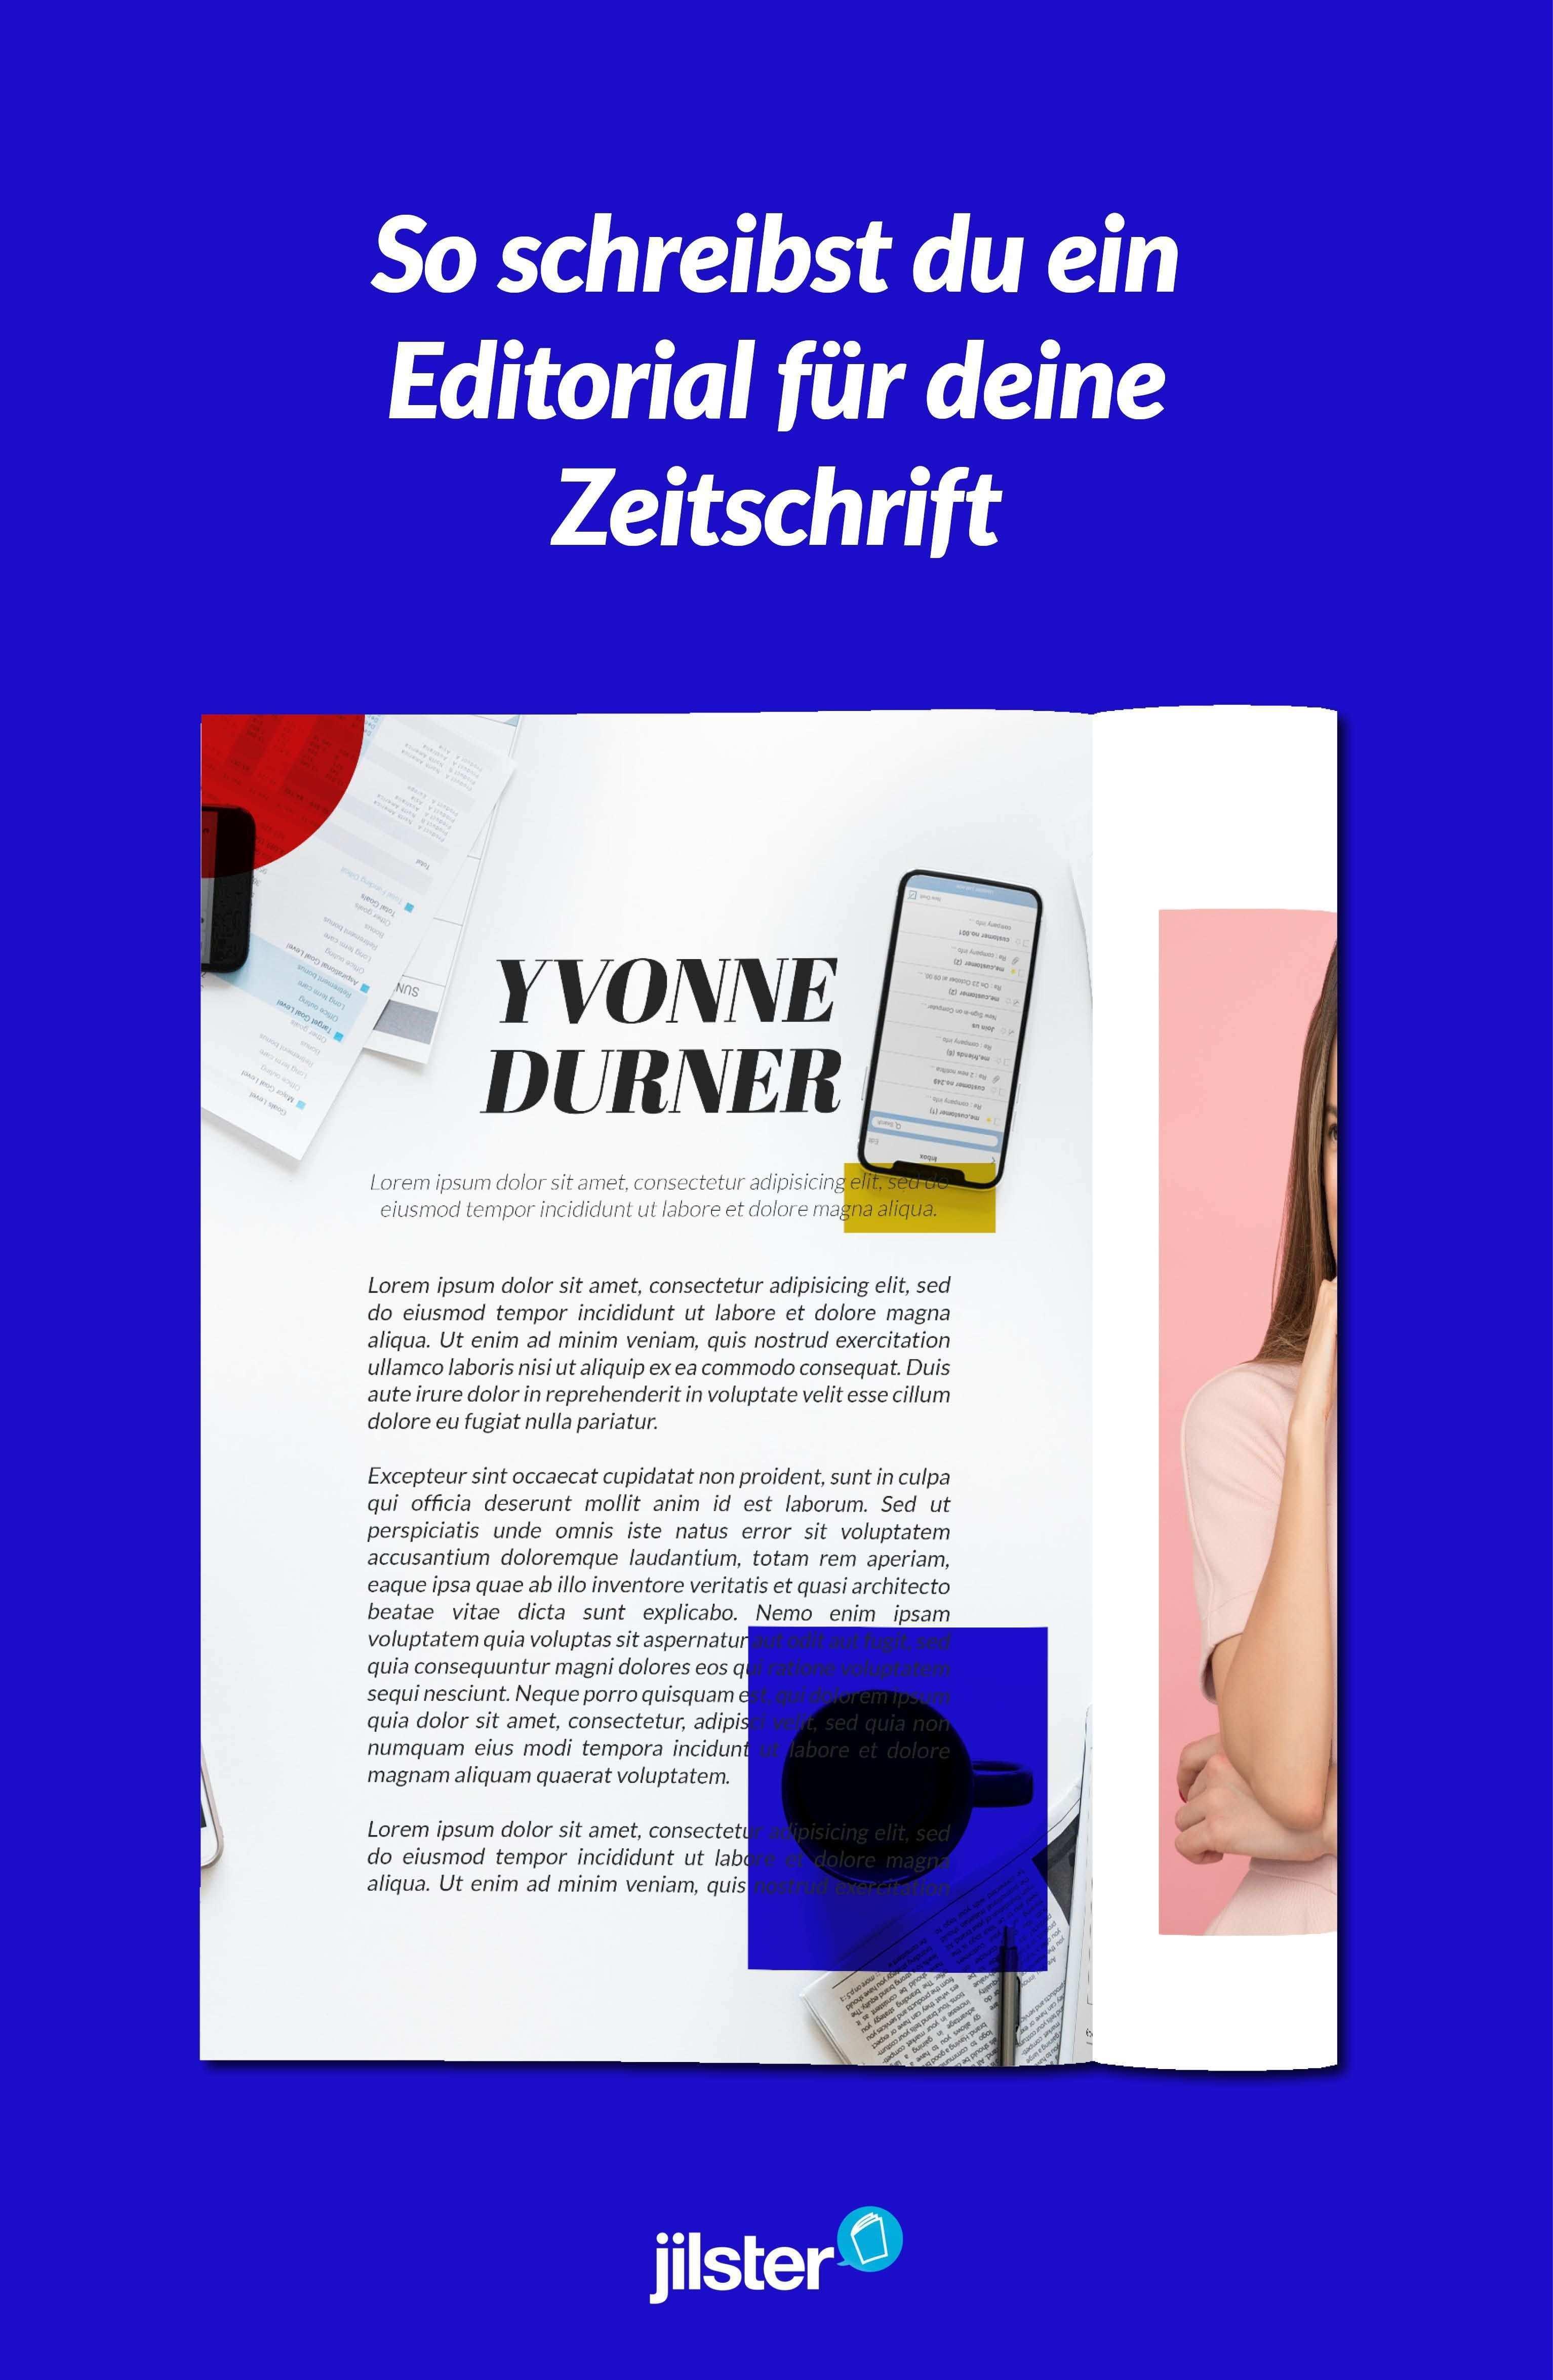 Ein Editorial Oder Vorwort Fur Eine Zeitschrift Schreiben Jilster Blog Zeitschriften Neuer Job Texte Zum Abschied